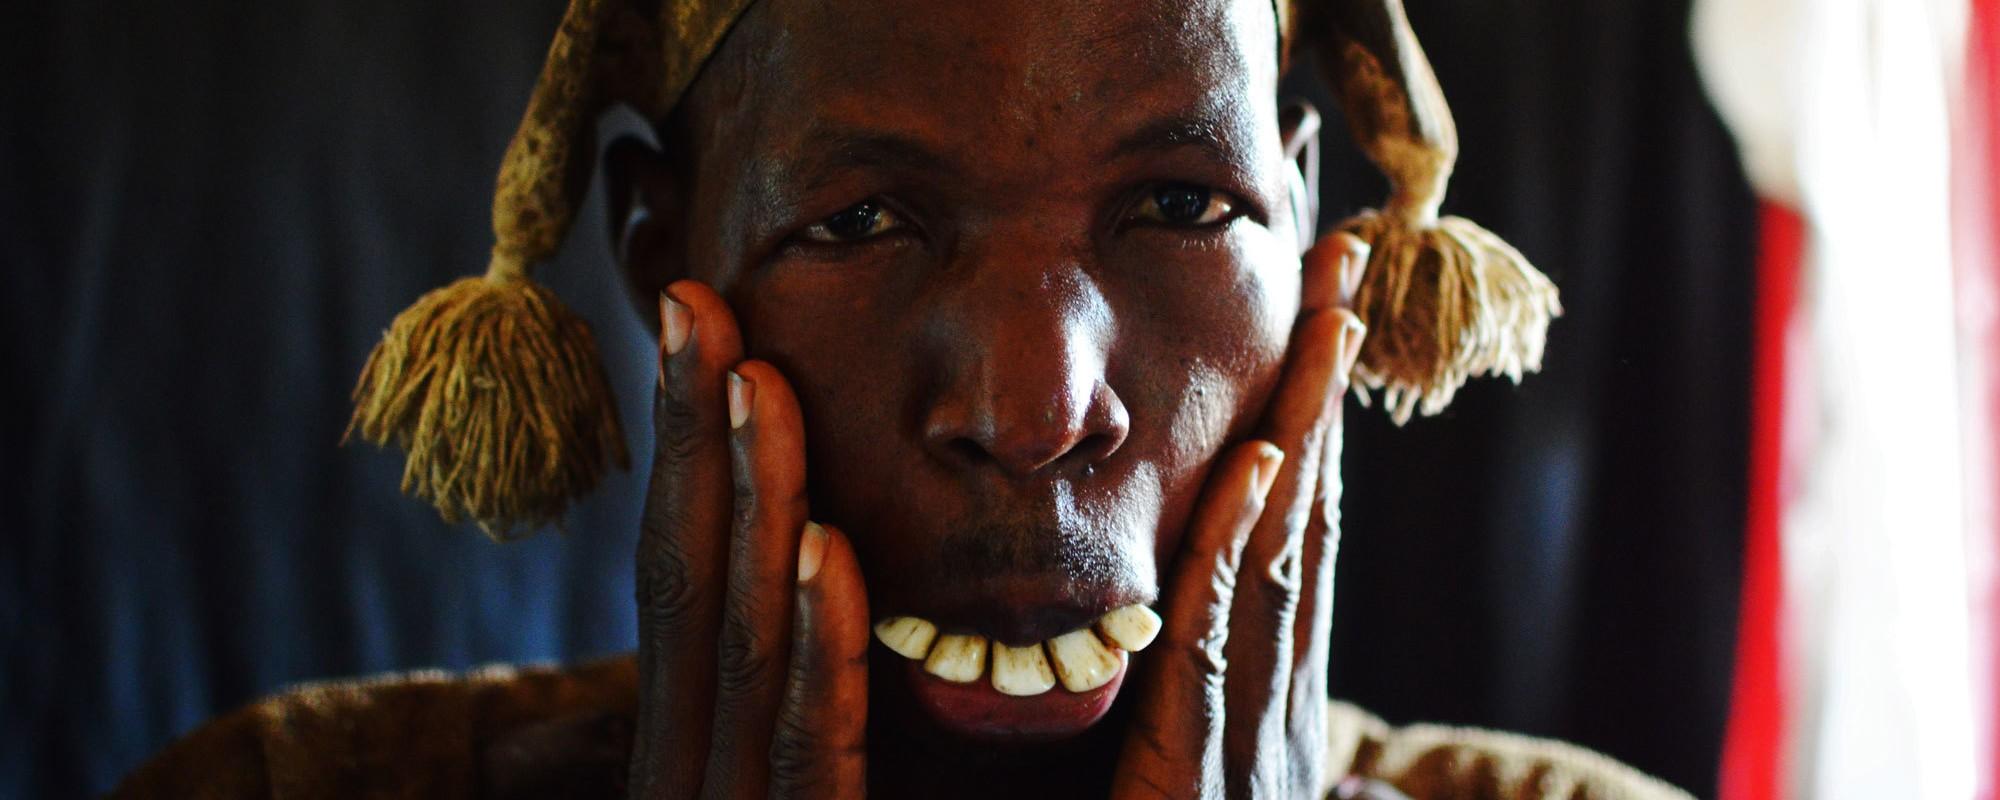 Magia nera e sangue di gallina: una settimana tra gli sciamani della Sierra Leone